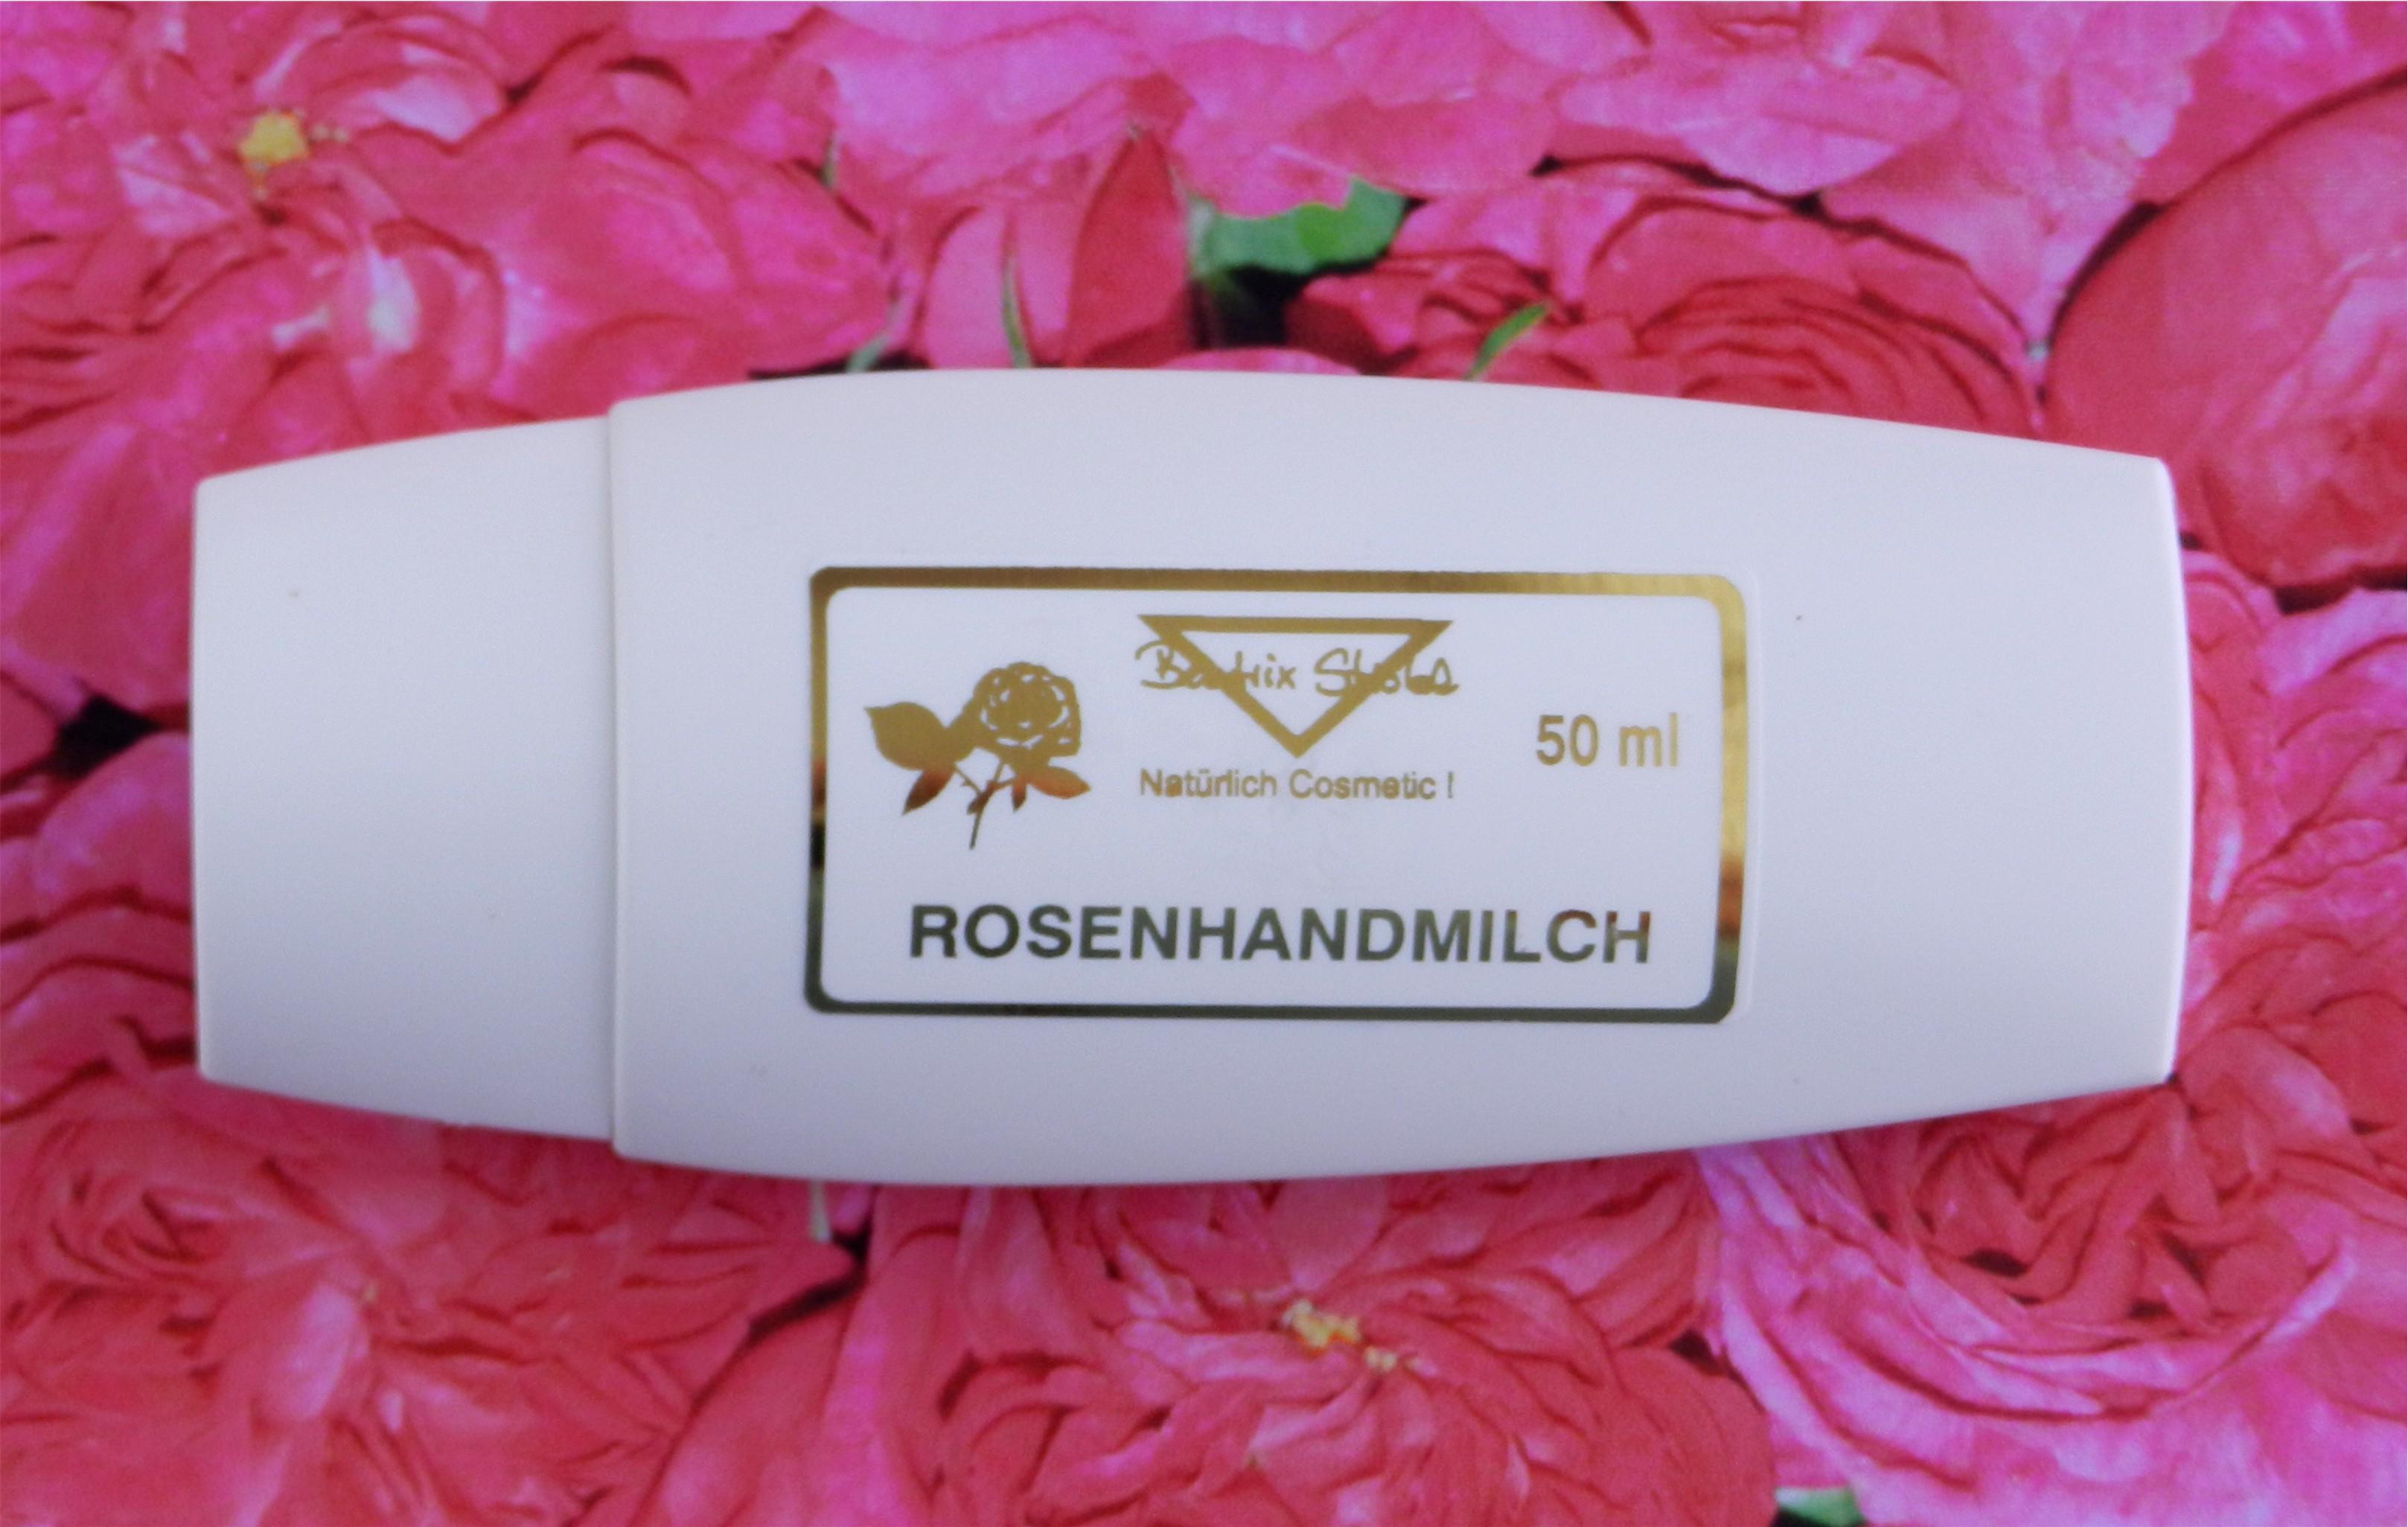 ROSEN HANDMILCH